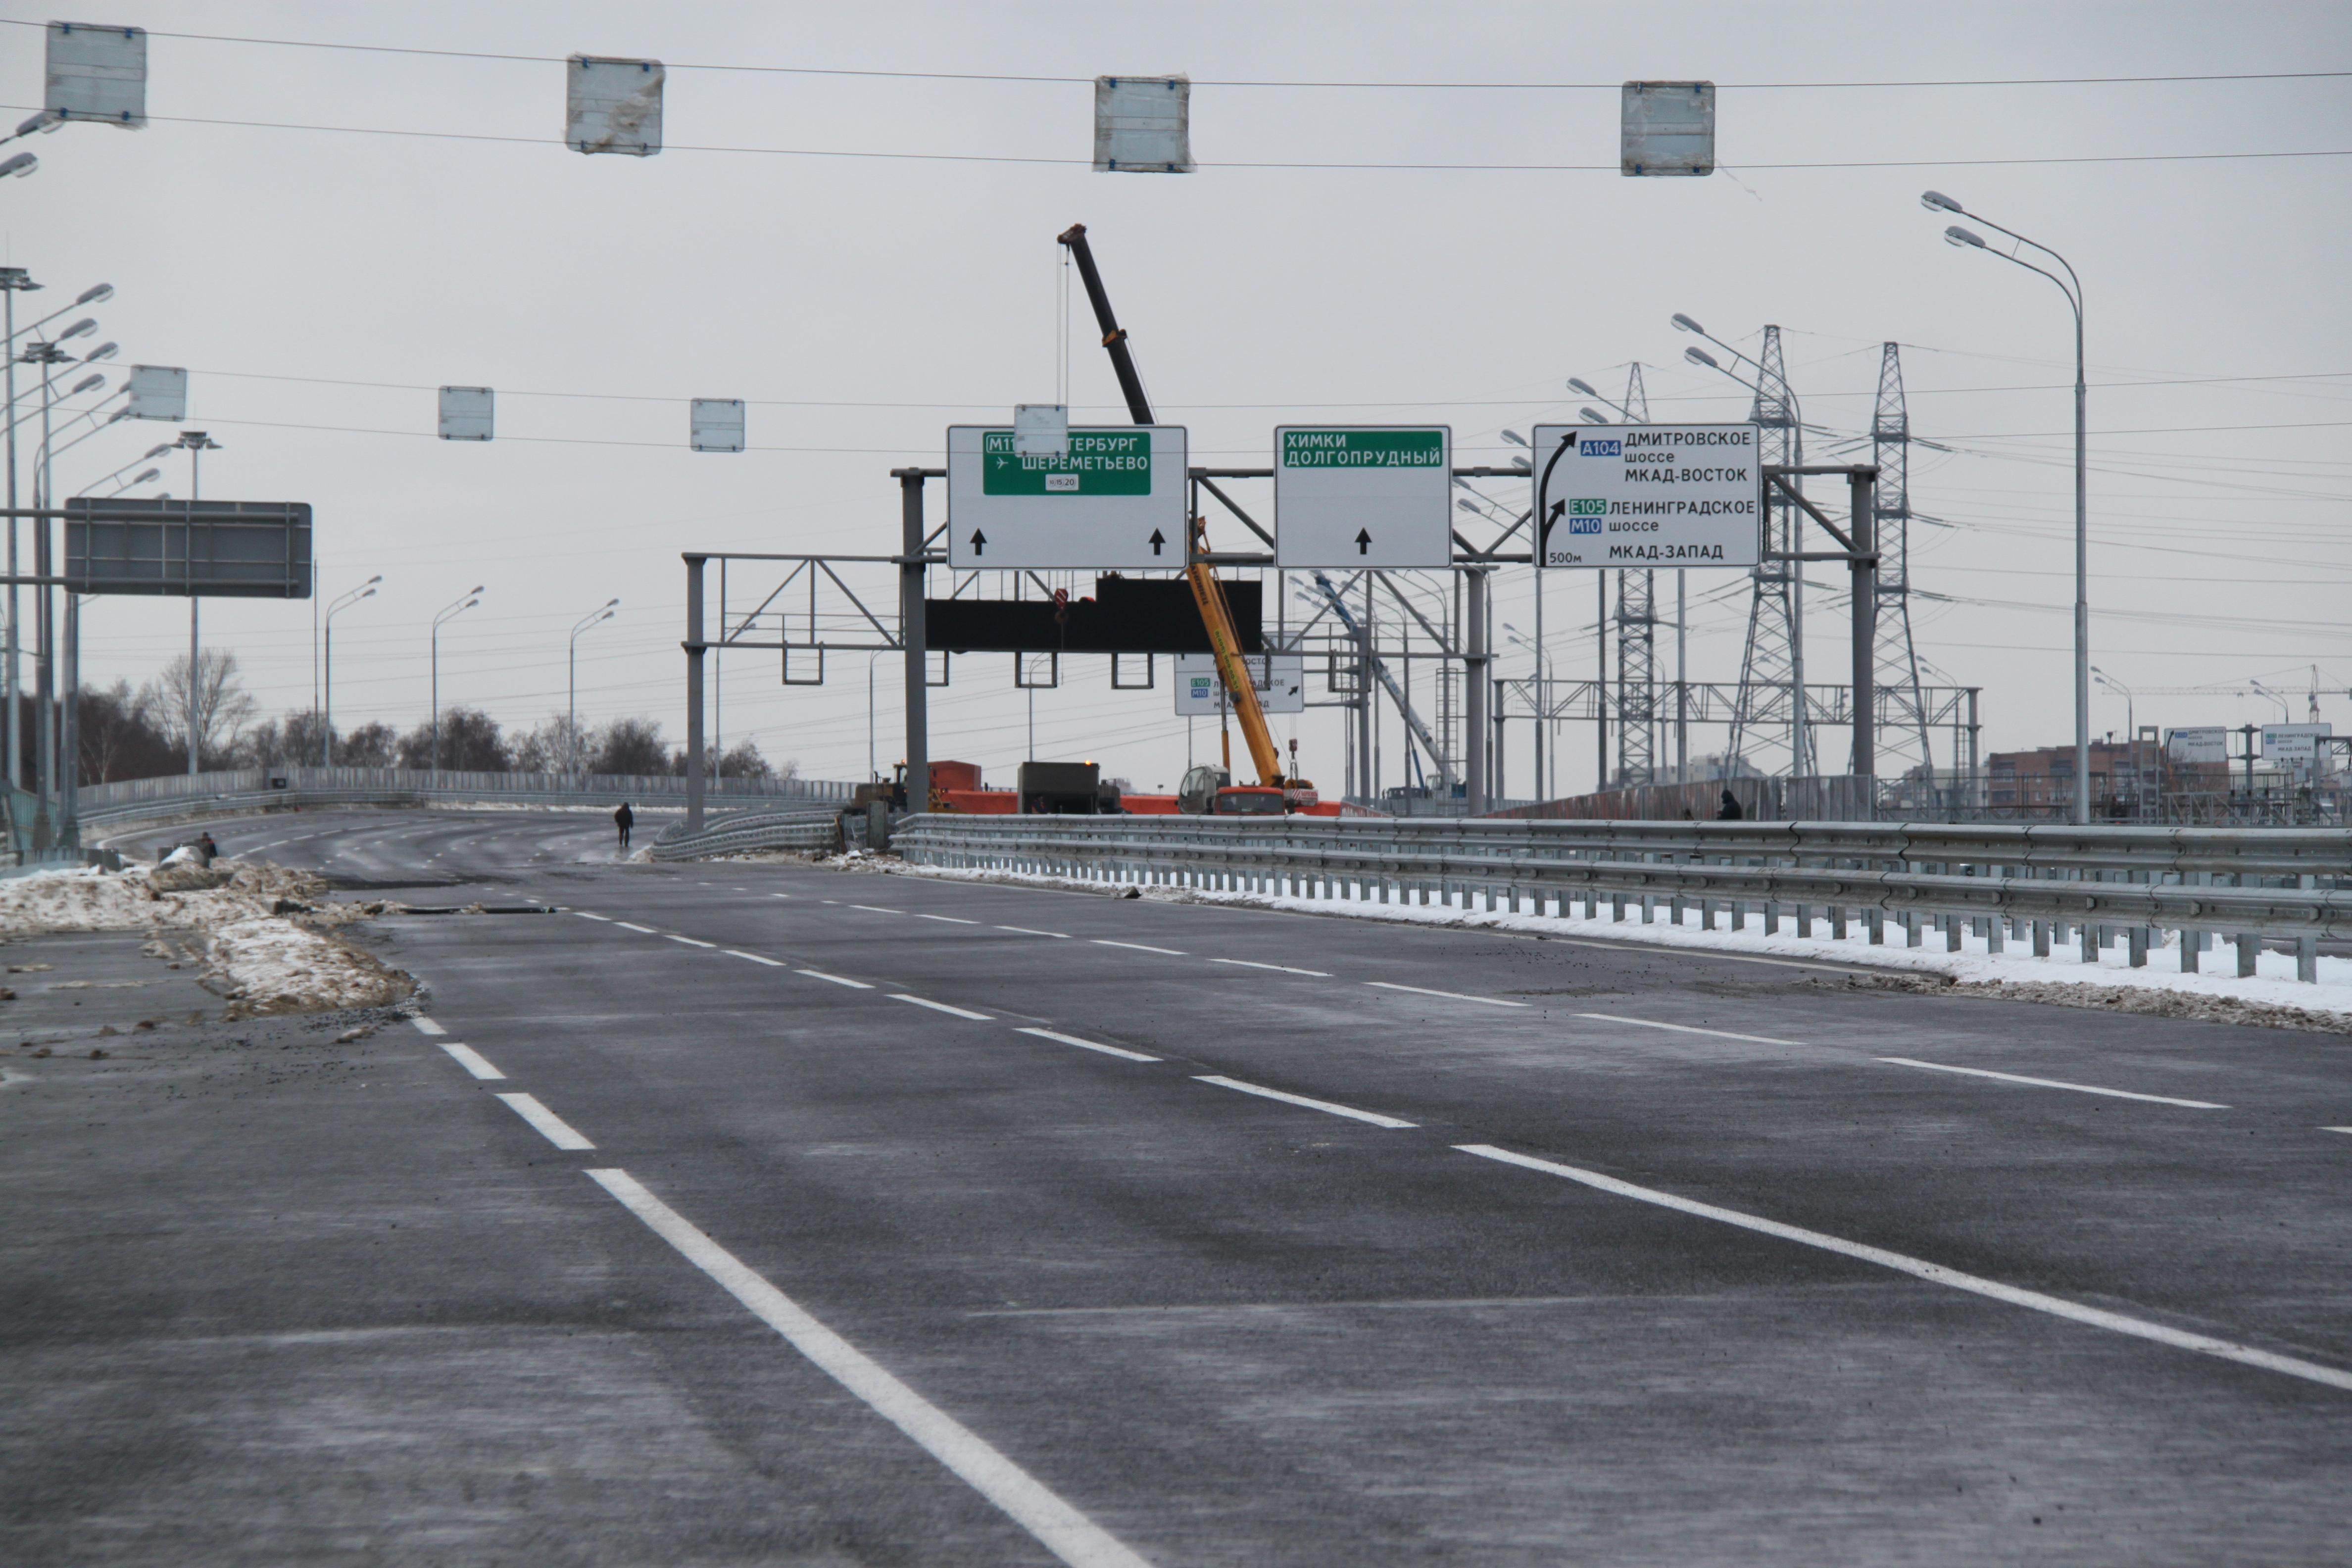 схема трасса москва-санкт-петербург когда построят